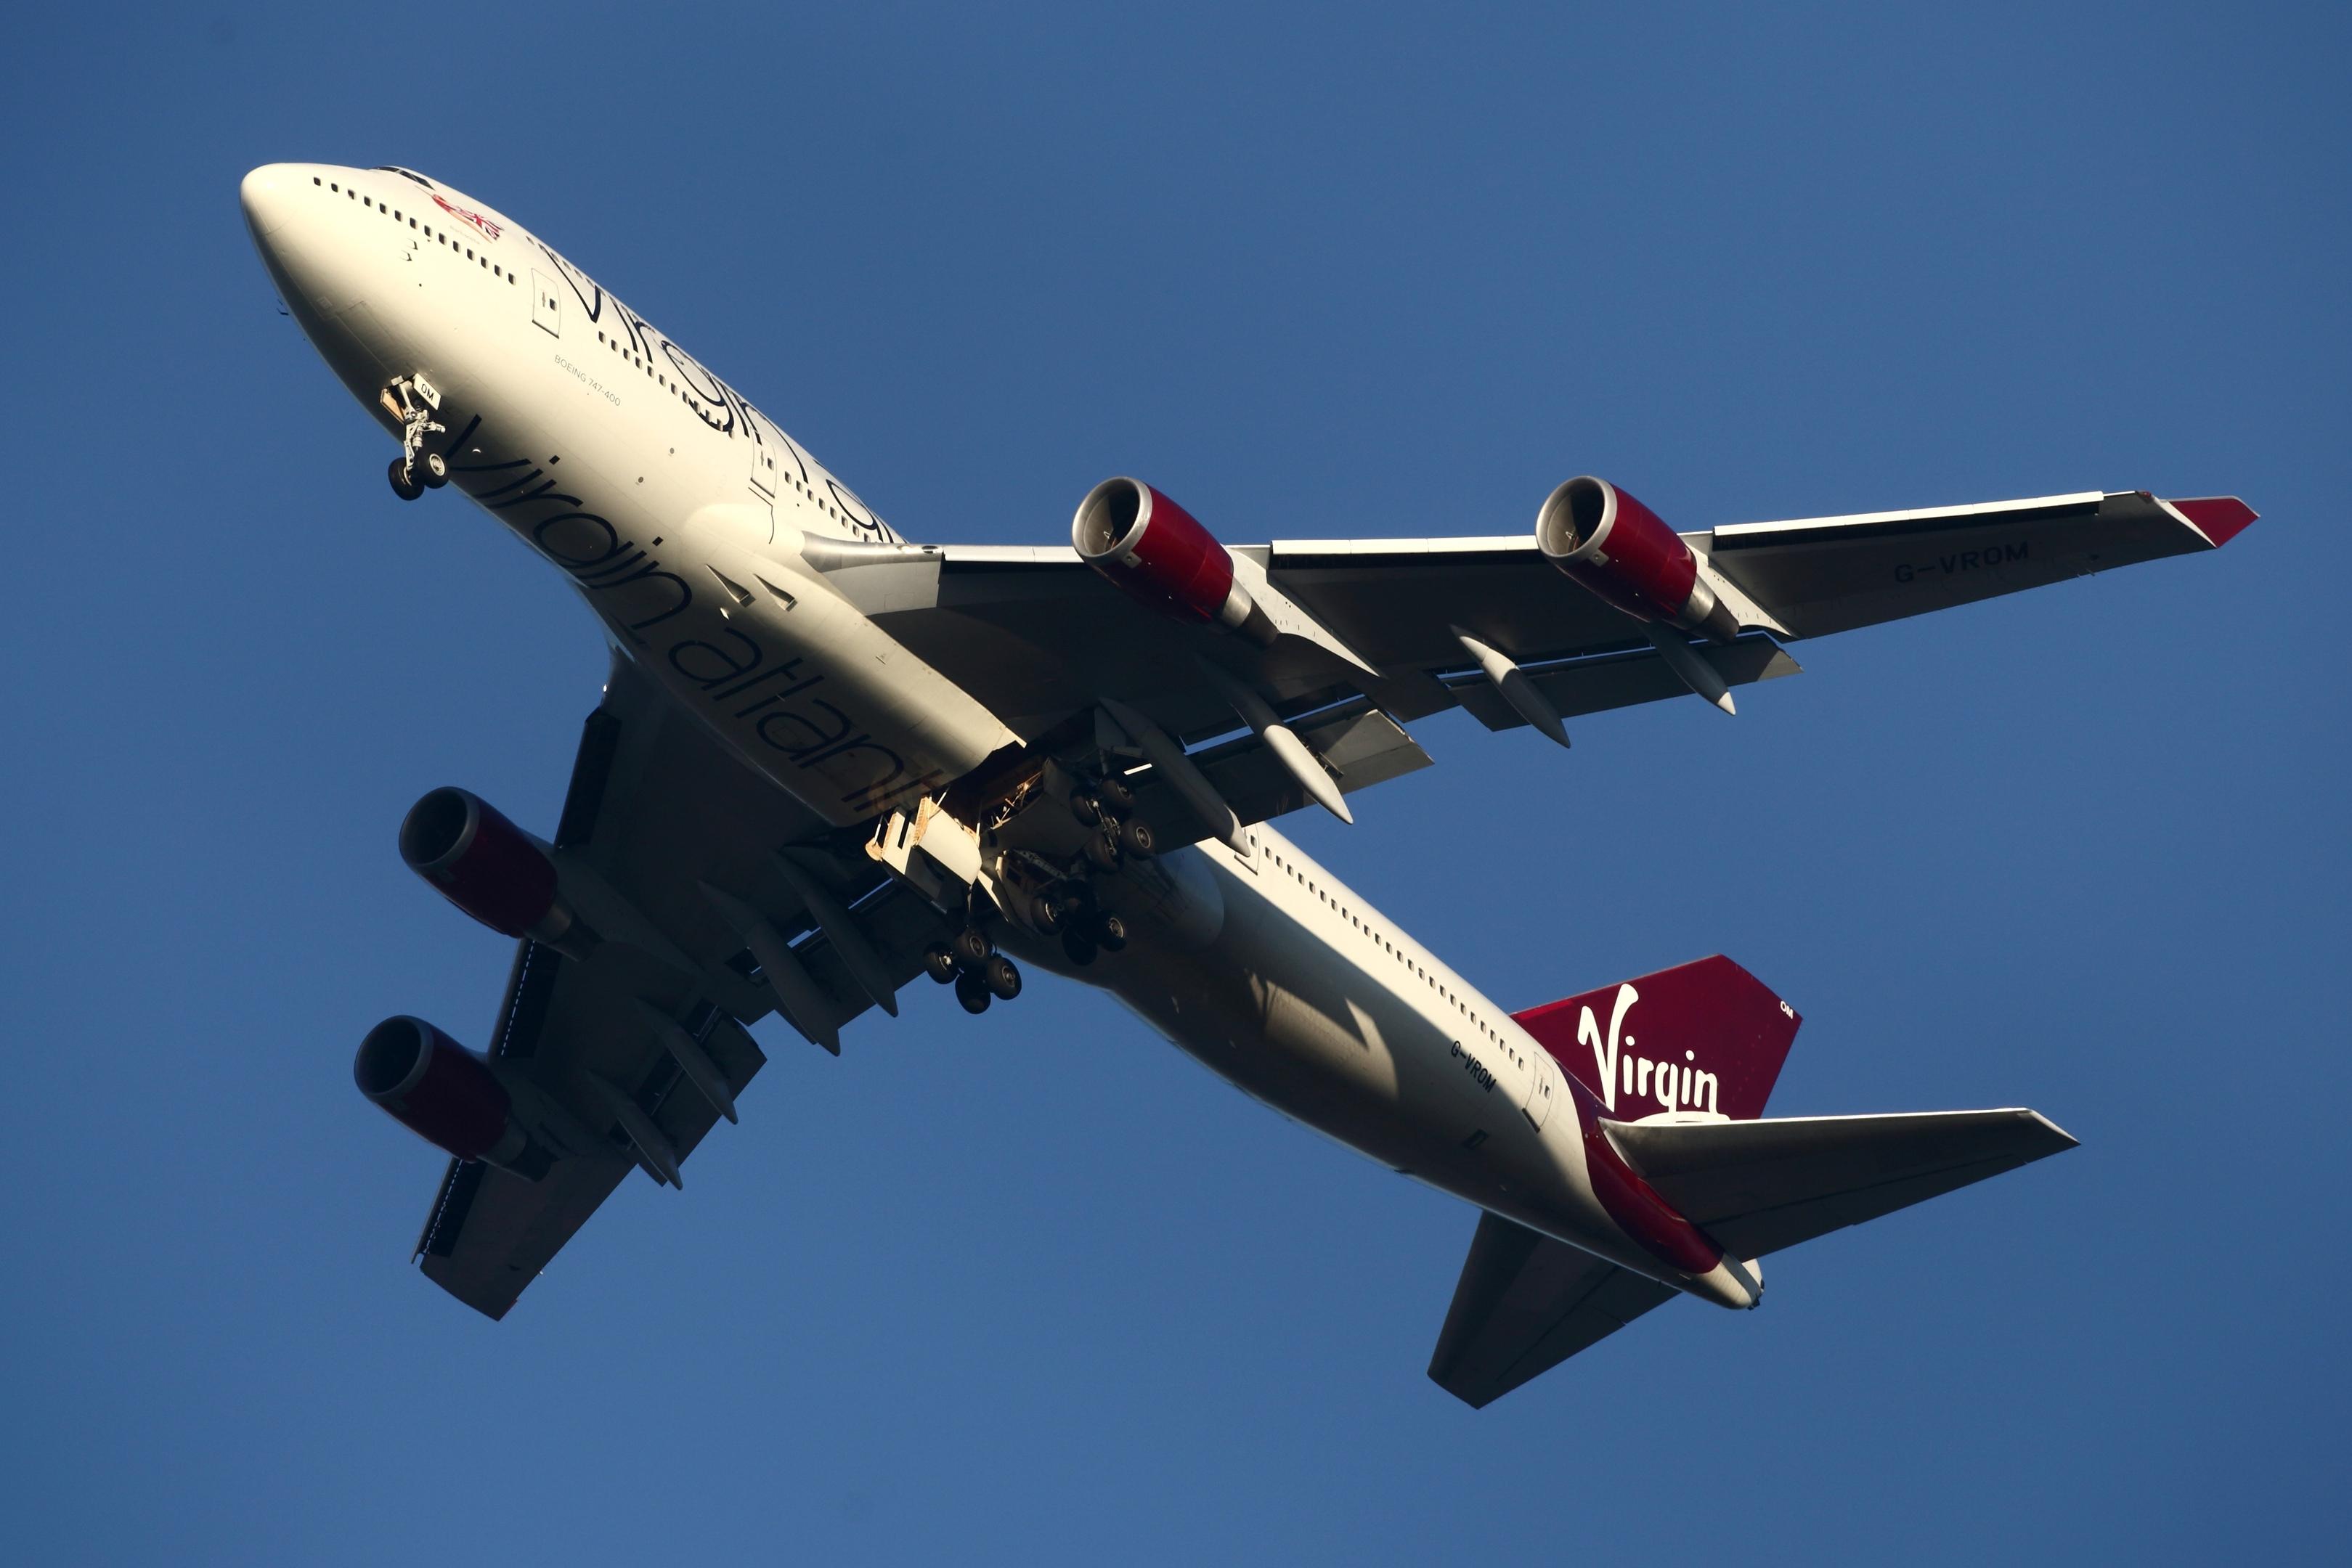 The Virgin Atlantic plane circled over the UK before landing